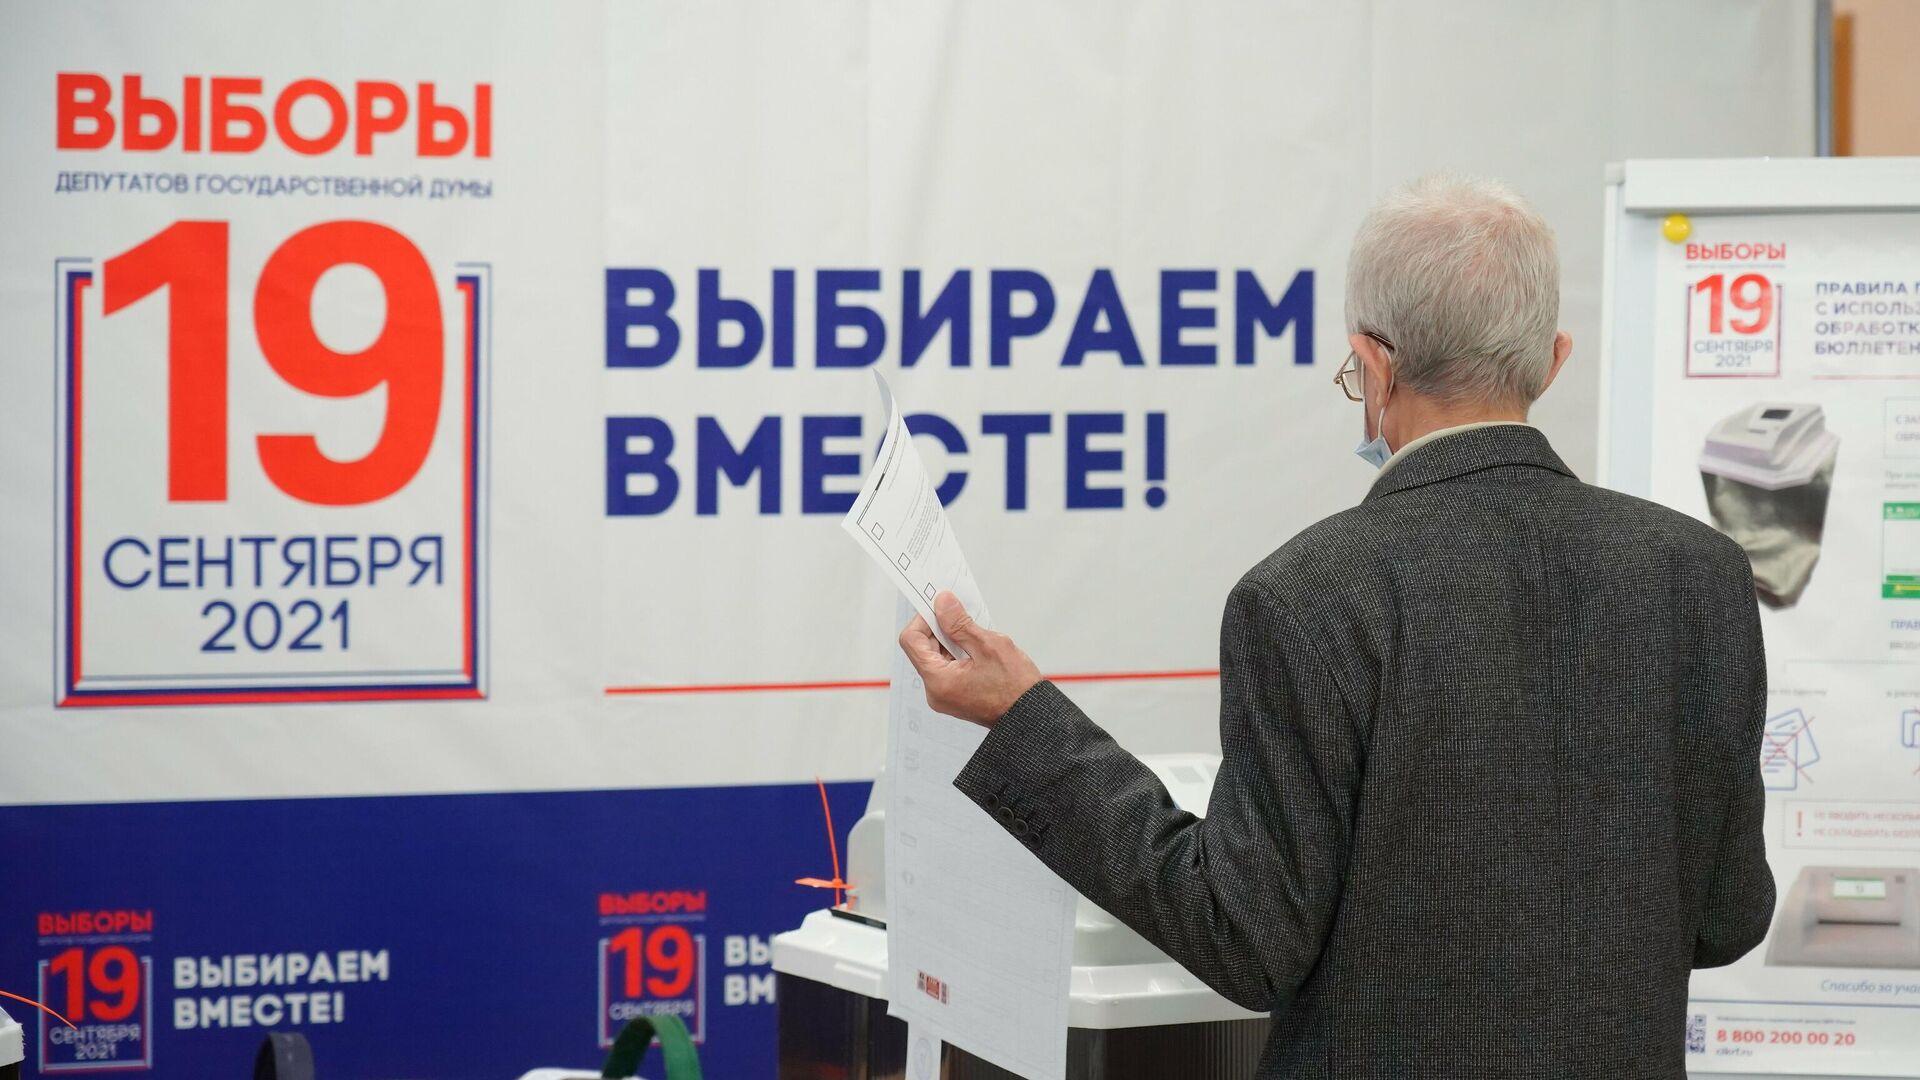 Участок для голосования на выборах депутатов Госдумы в Москве - РИА Новости, 1920, 18.09.2021